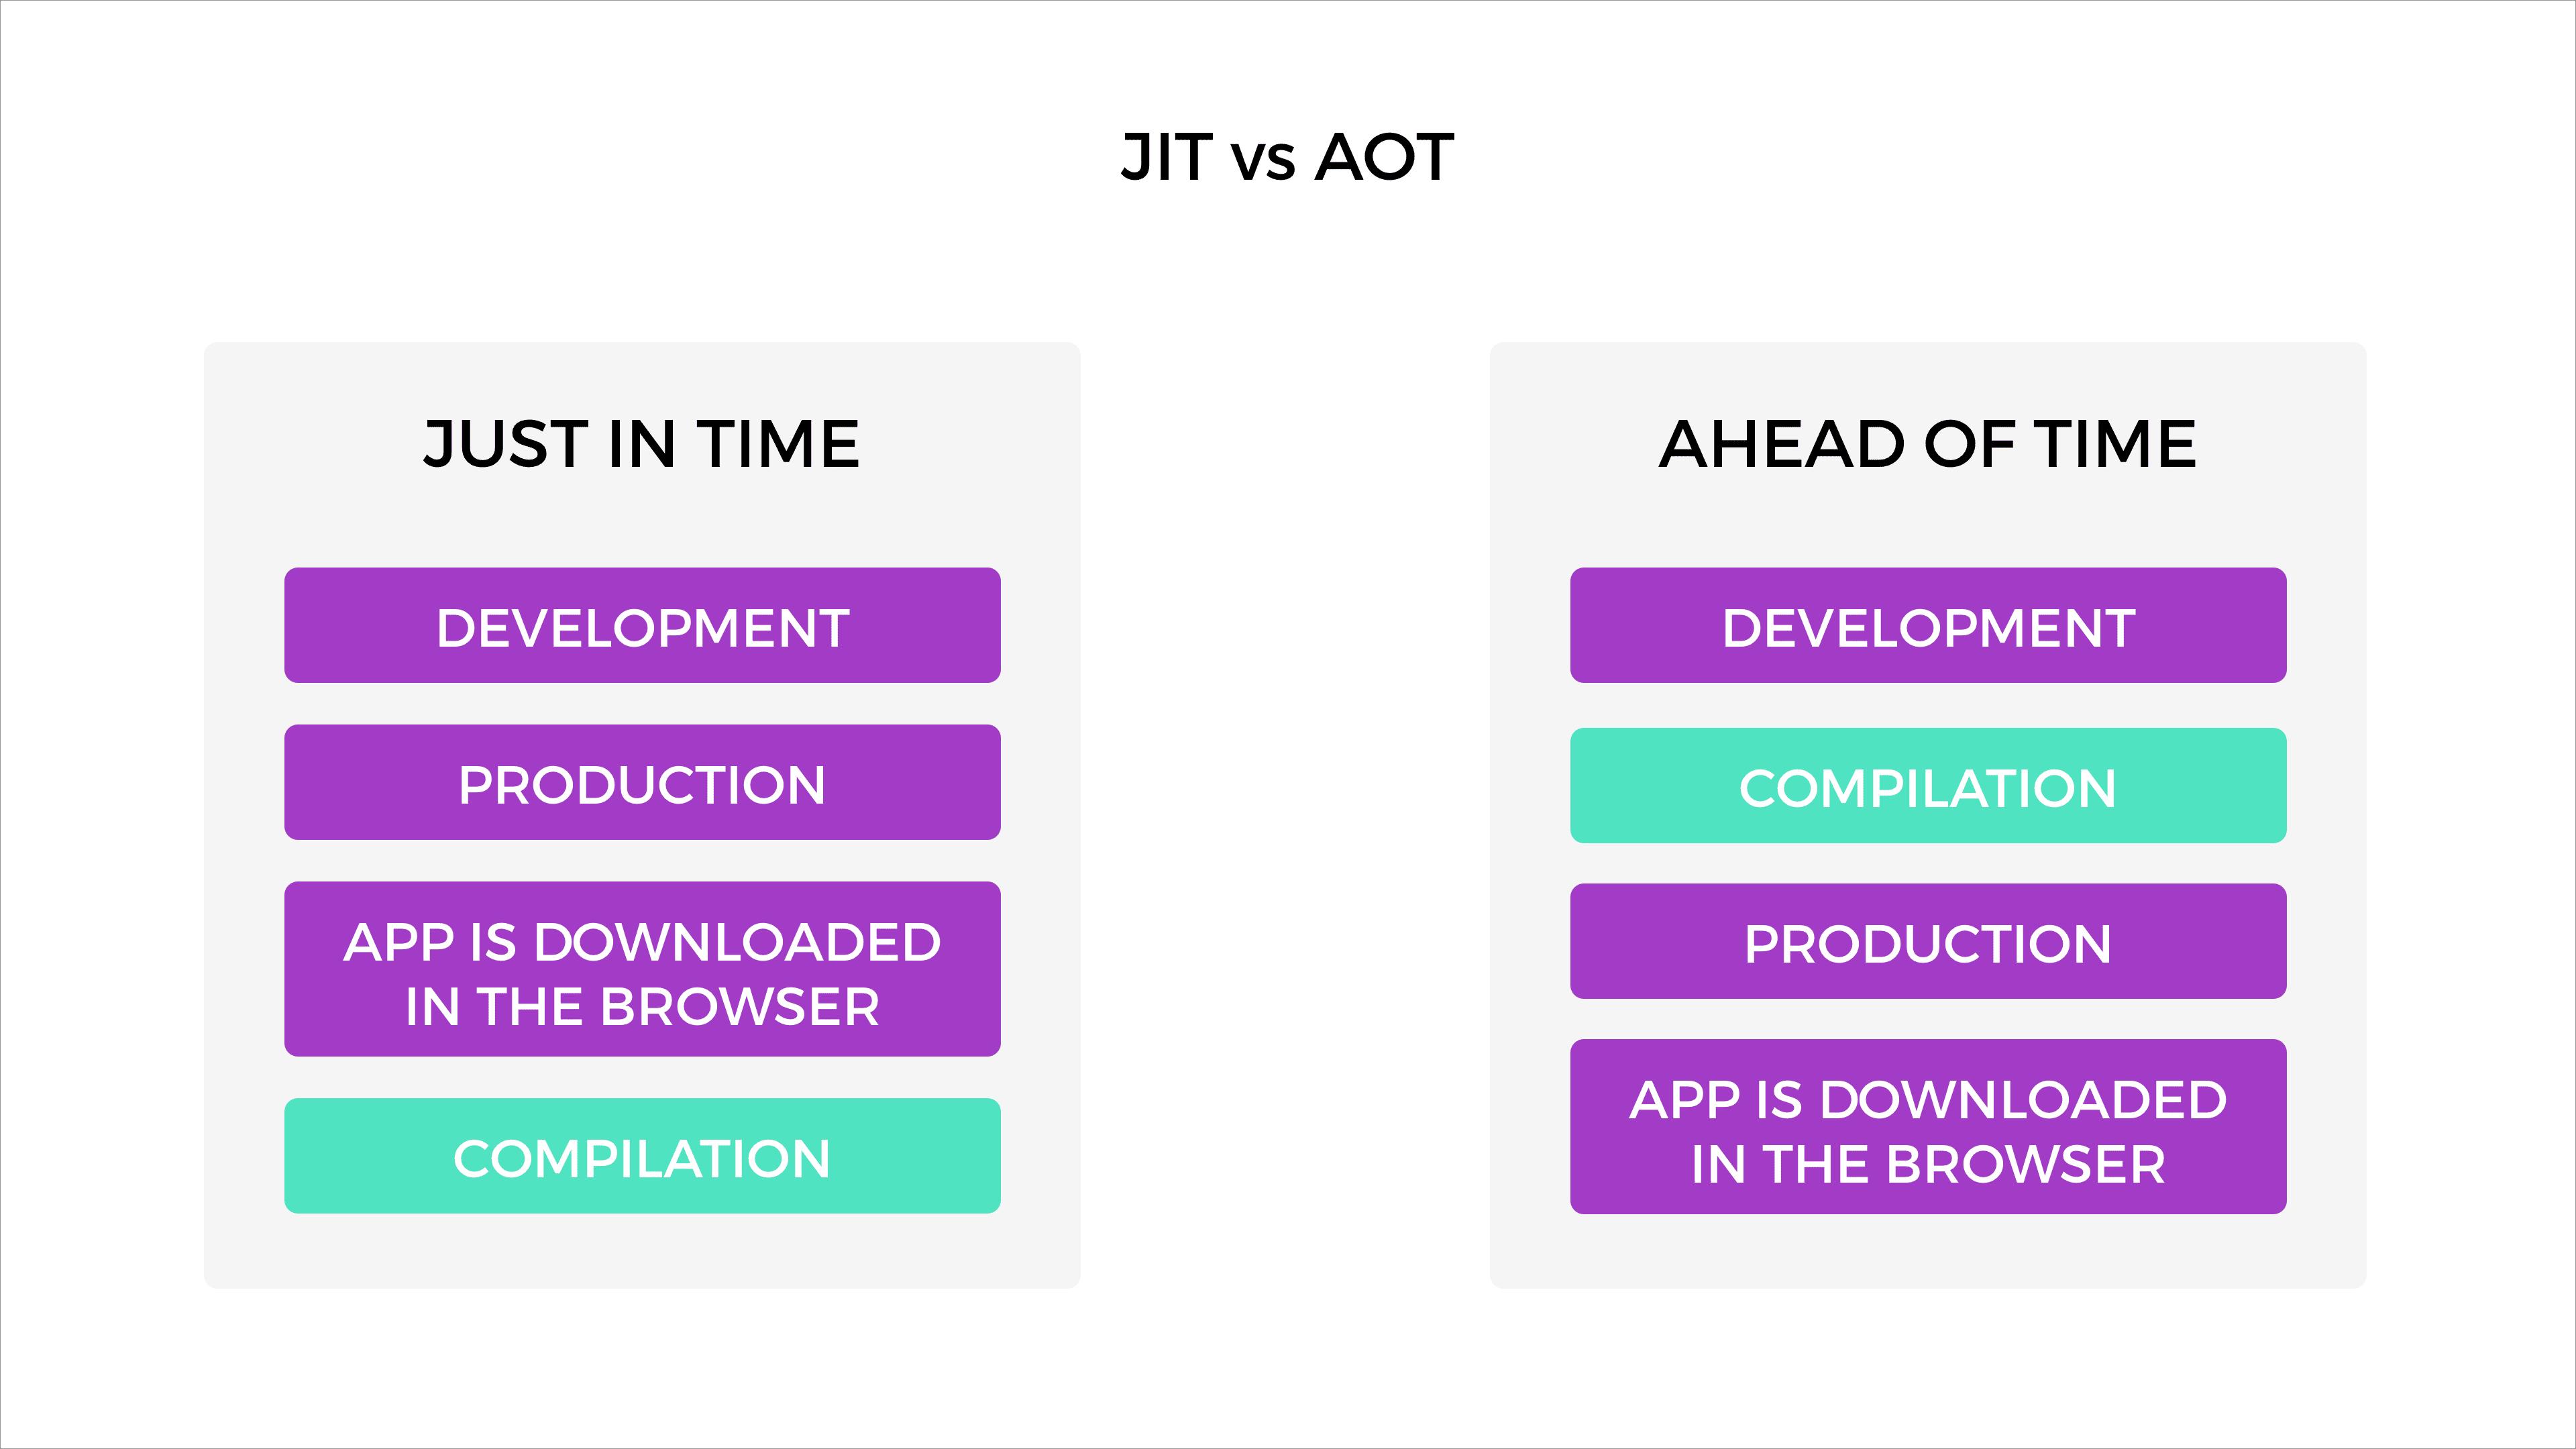 JIT vs AOT